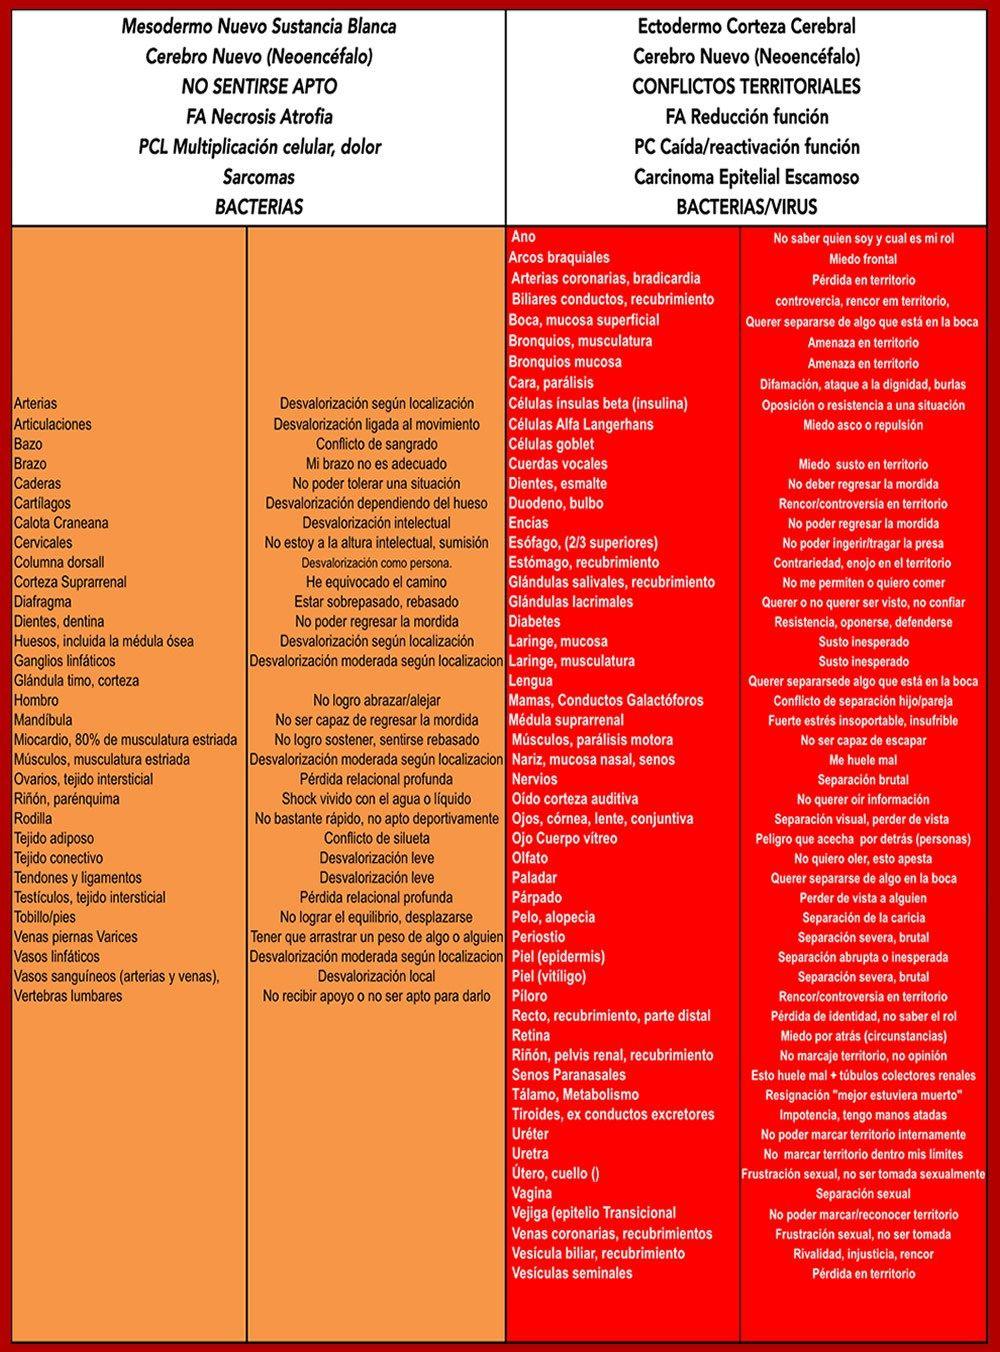 LISTADO ORGANOS ALFABETICO2 | hamer | Pinterest | Bioneuroemocion ...